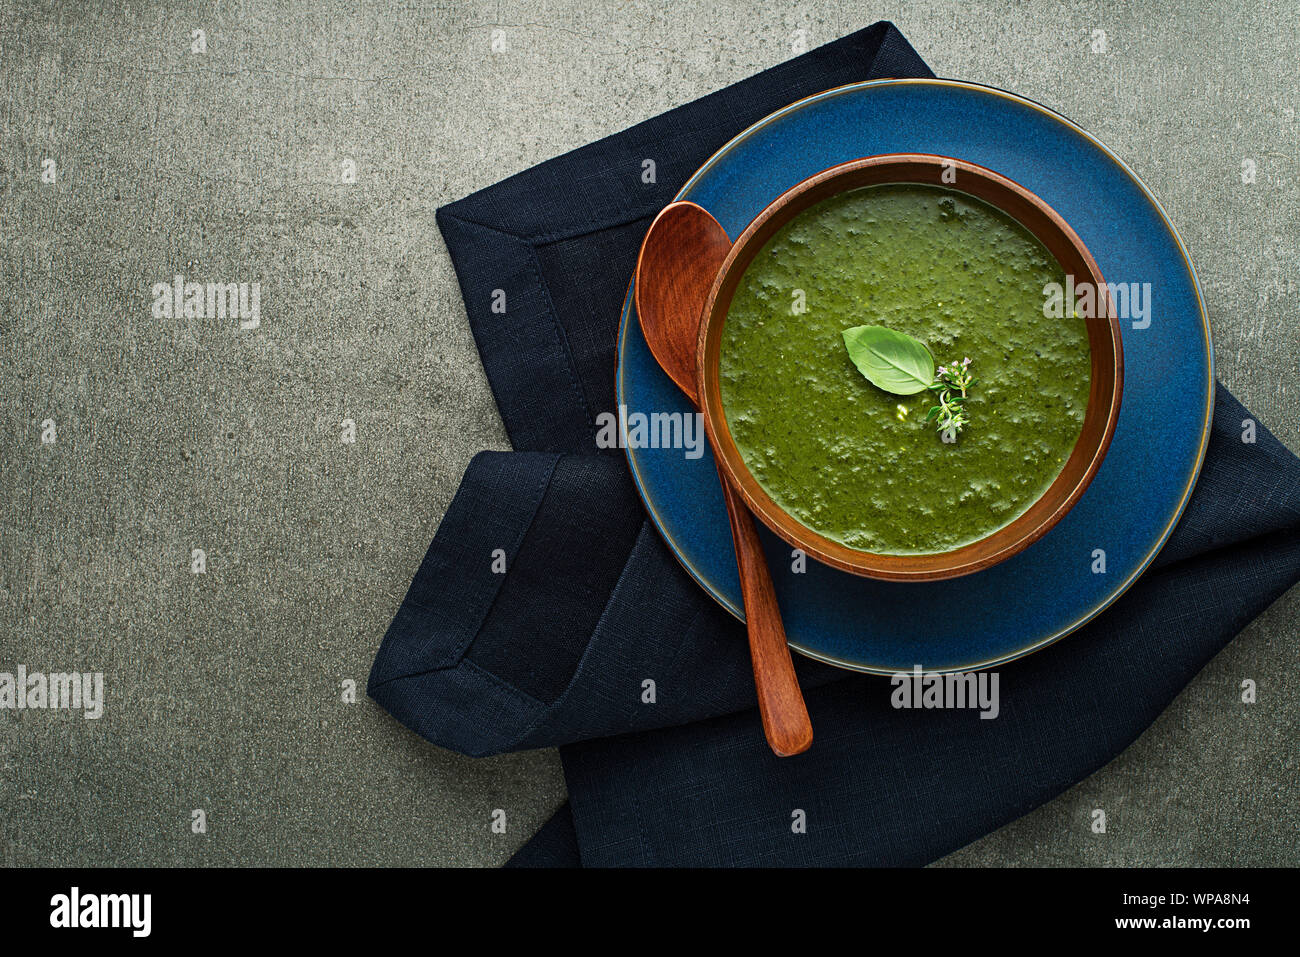 Essen Frühjahr gesunde Mahlzeit. Grüne cremige Suppe mit Gemüse und Kräutern Stockfoto